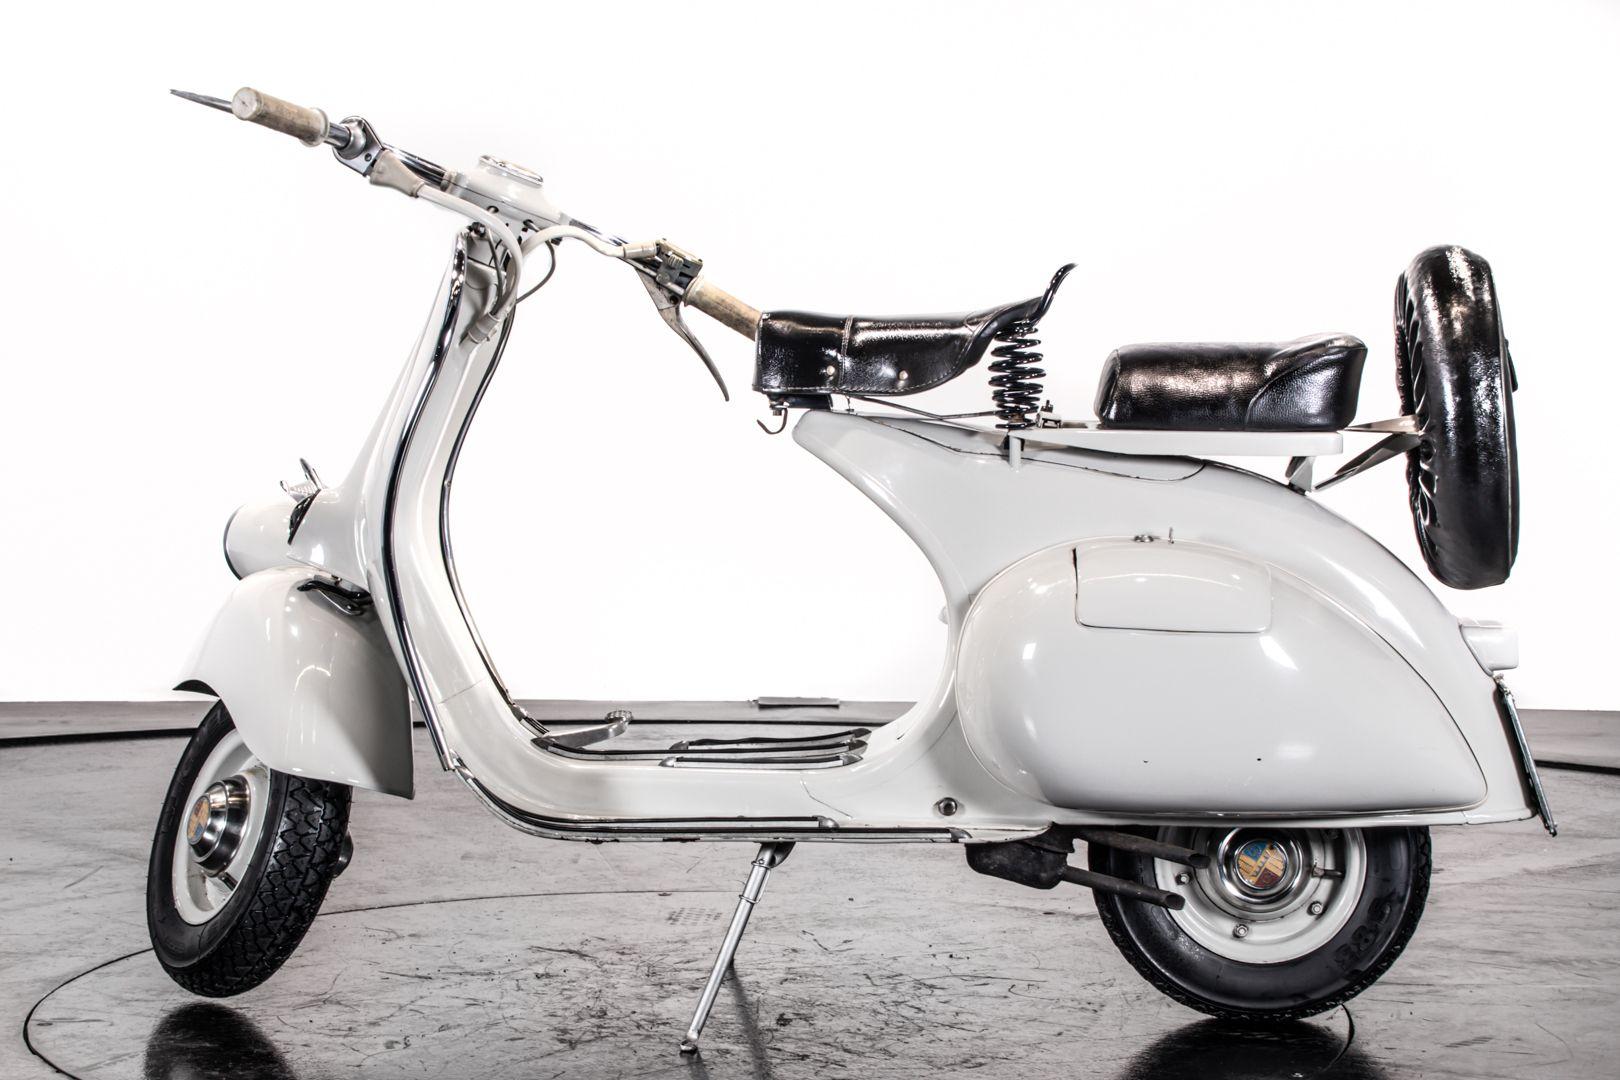 1957 Piaggio Vespa 125 Faro Basso '57 68771